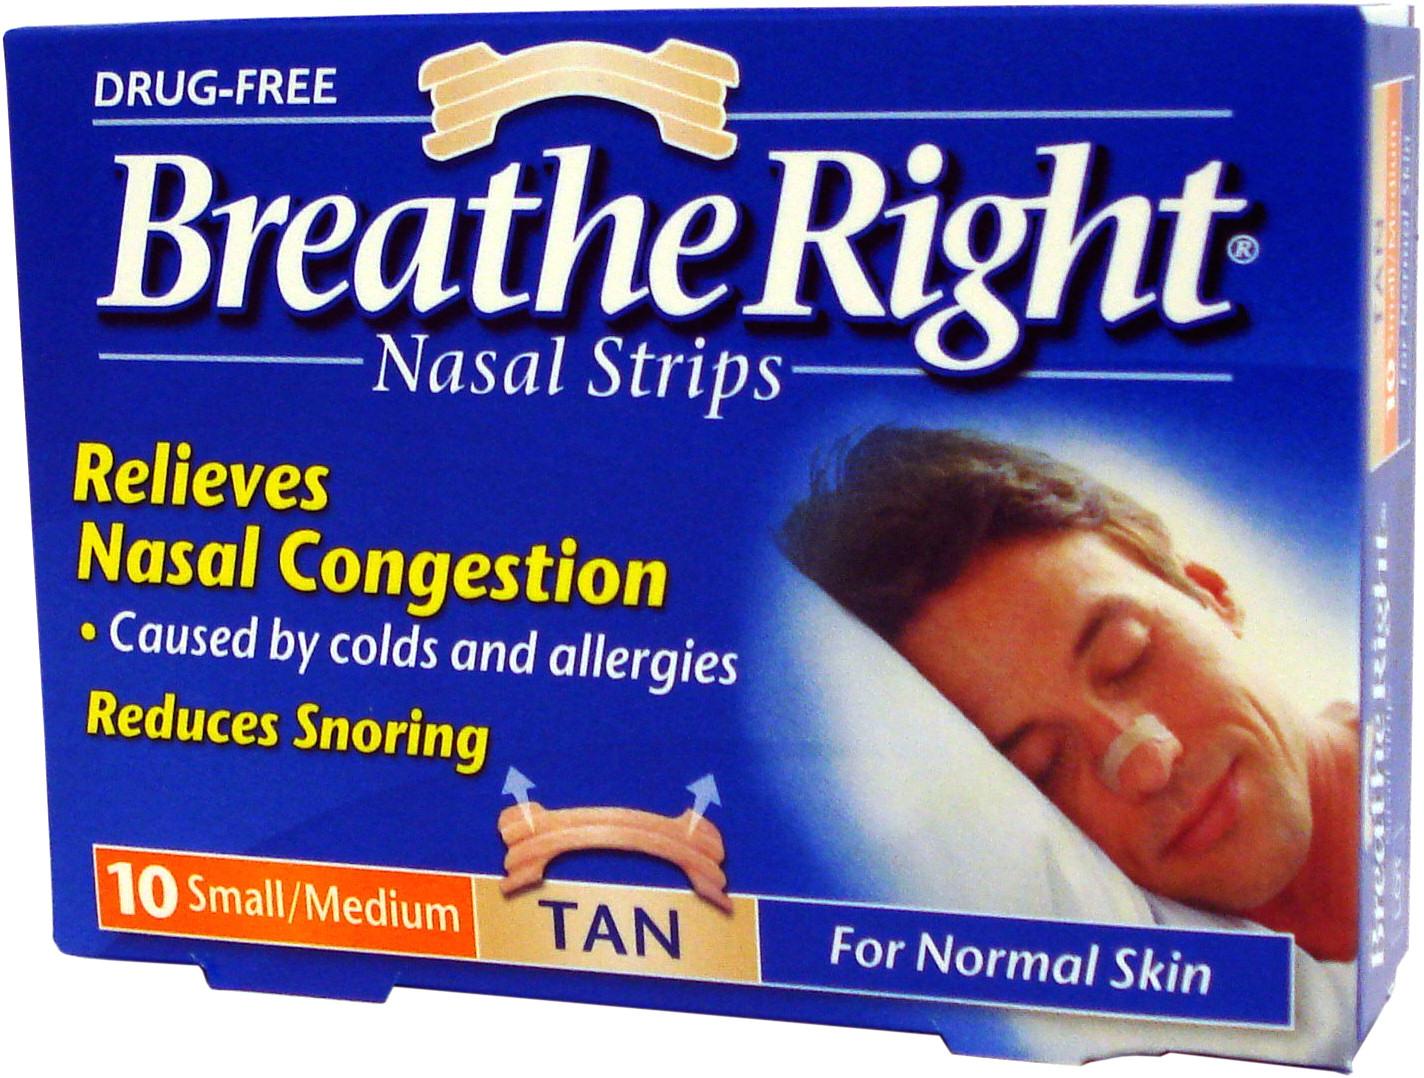 Breath easy strip